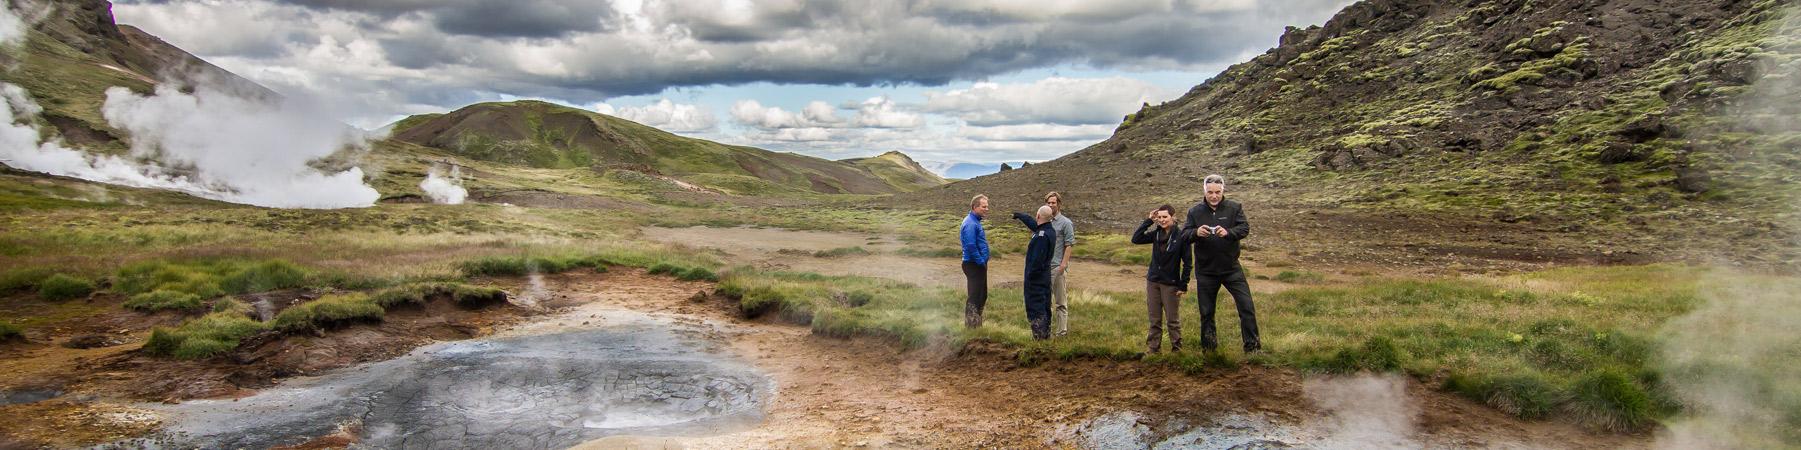 Vandretur Island Bestil Aktiviteter Her På Siden